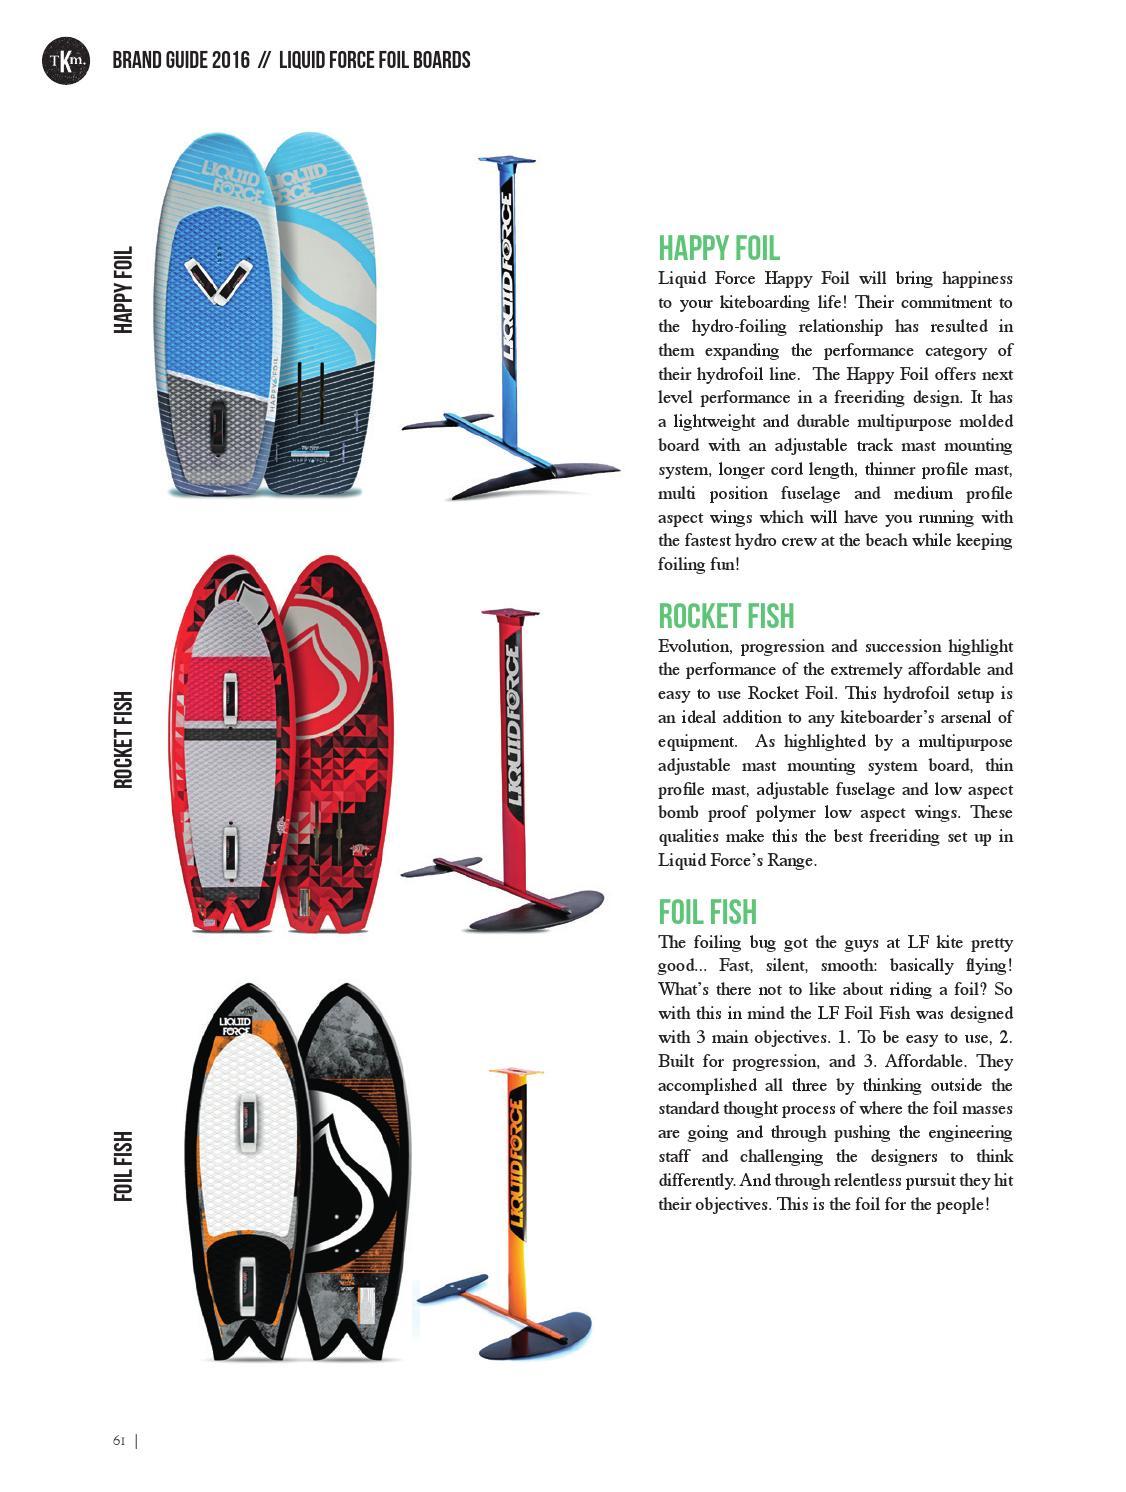 TheKiteMag Brand Guide 2016 by TheKiteMag - issuu